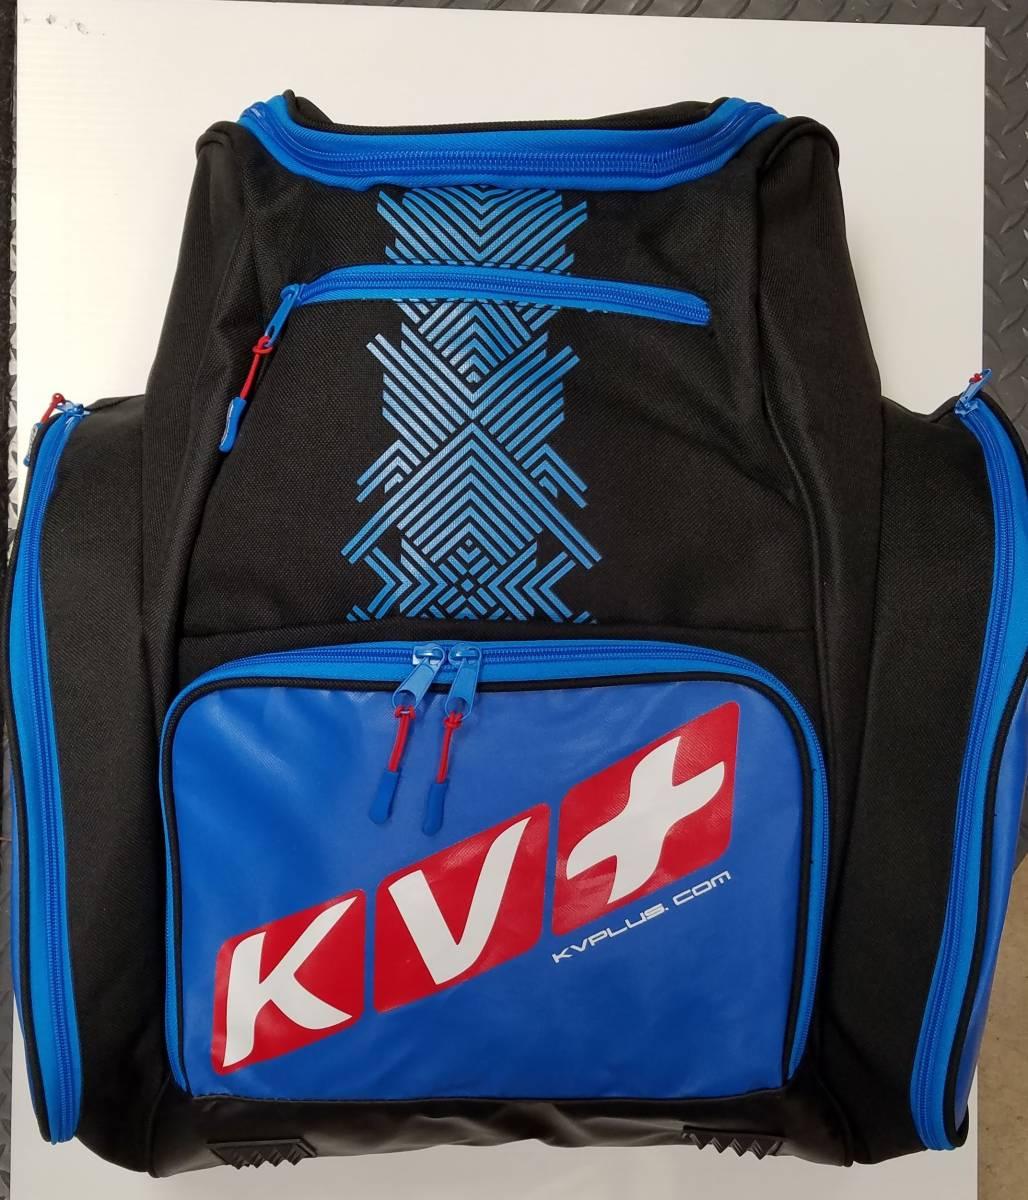 55 liter rucksack